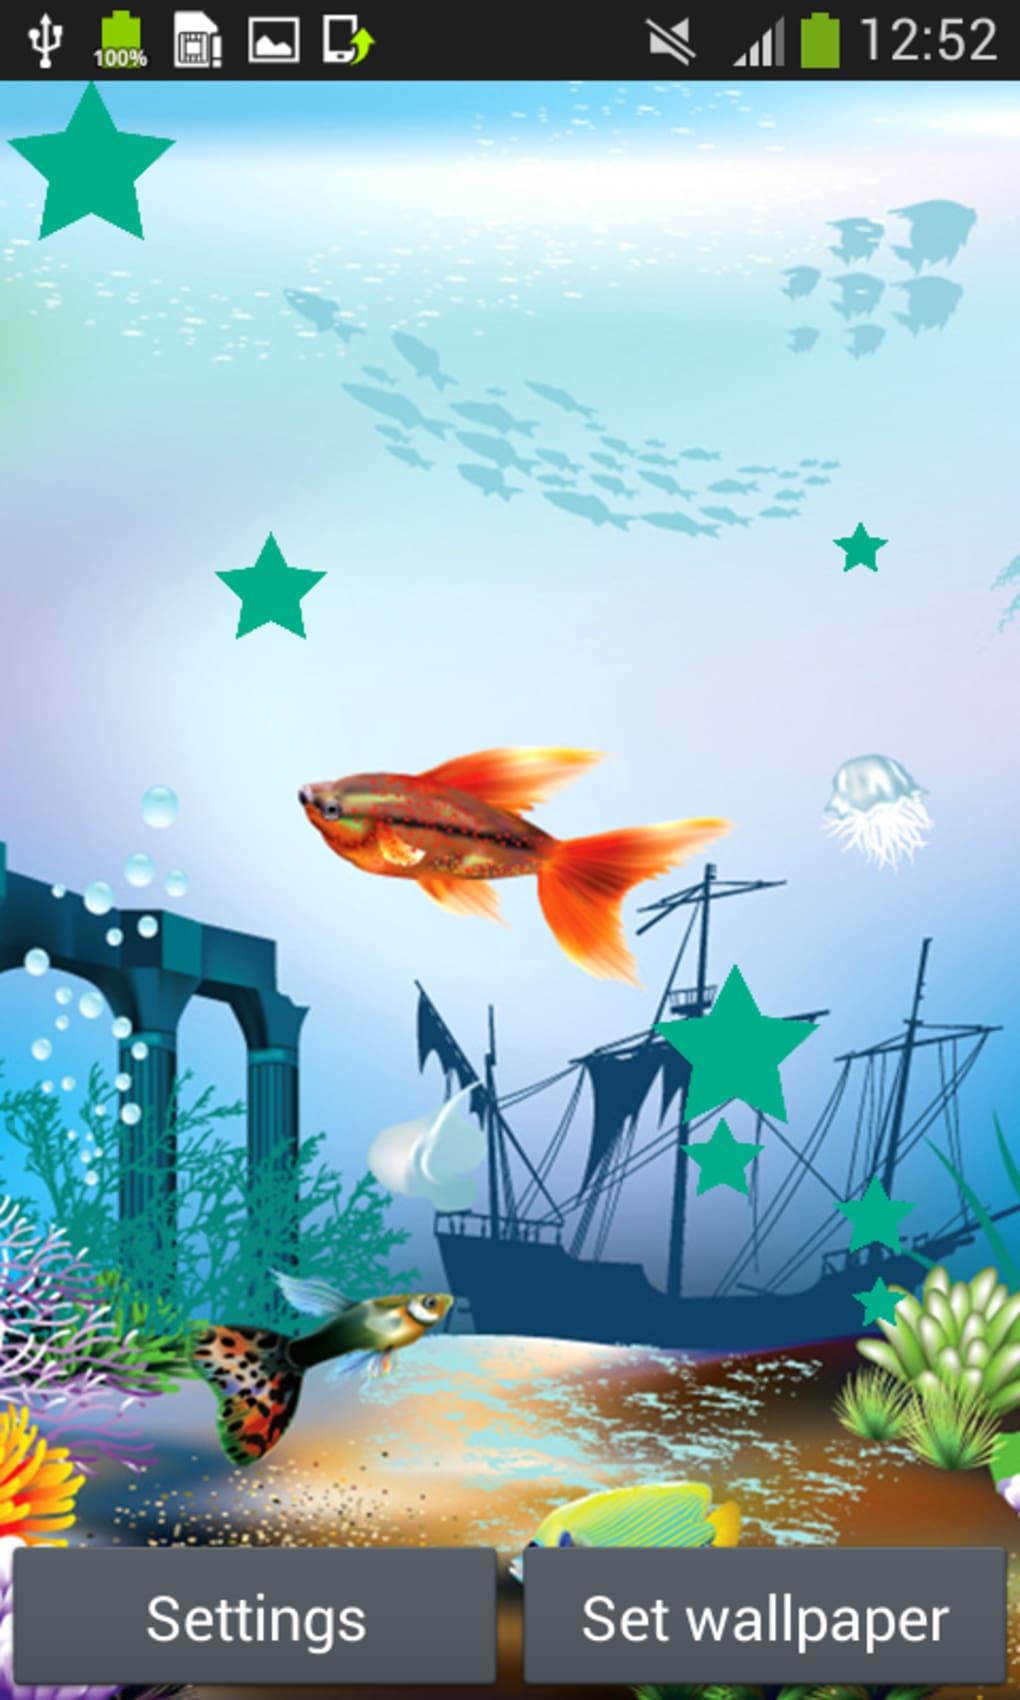 18+ Aquarium Live Wallpaper For Iphone Pictures